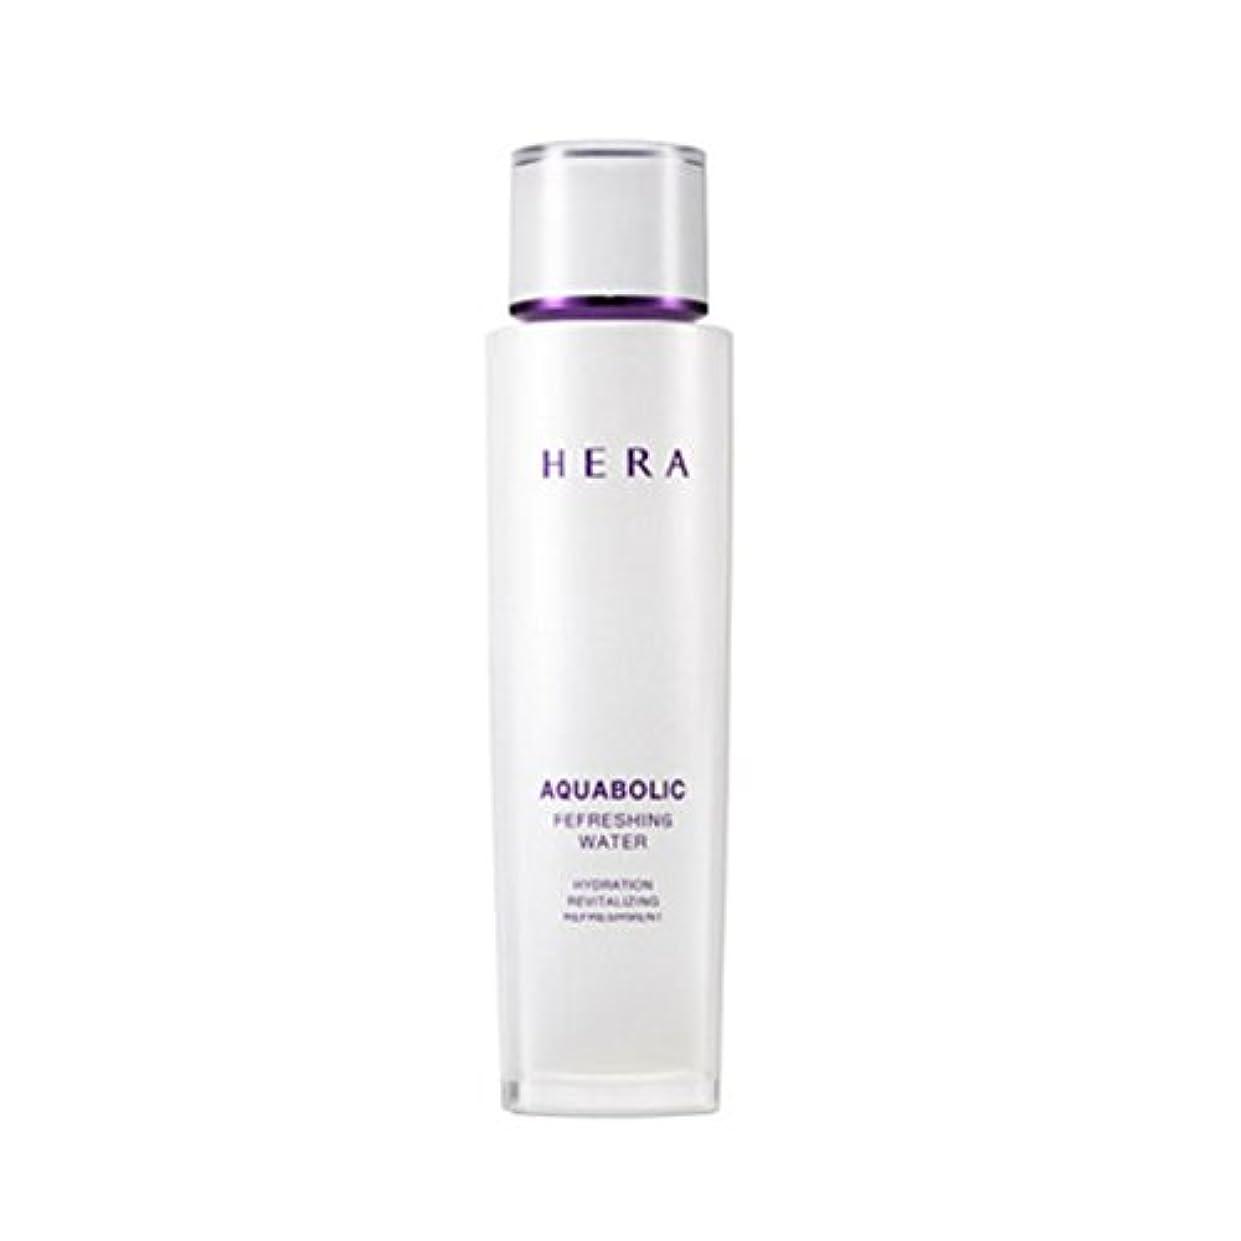 田舎コーナー動力学(ヘラ) HERA Aquabolic Refreshing Water アクアボリックリフレッシュウォーター (韓国直発送) oopspanda